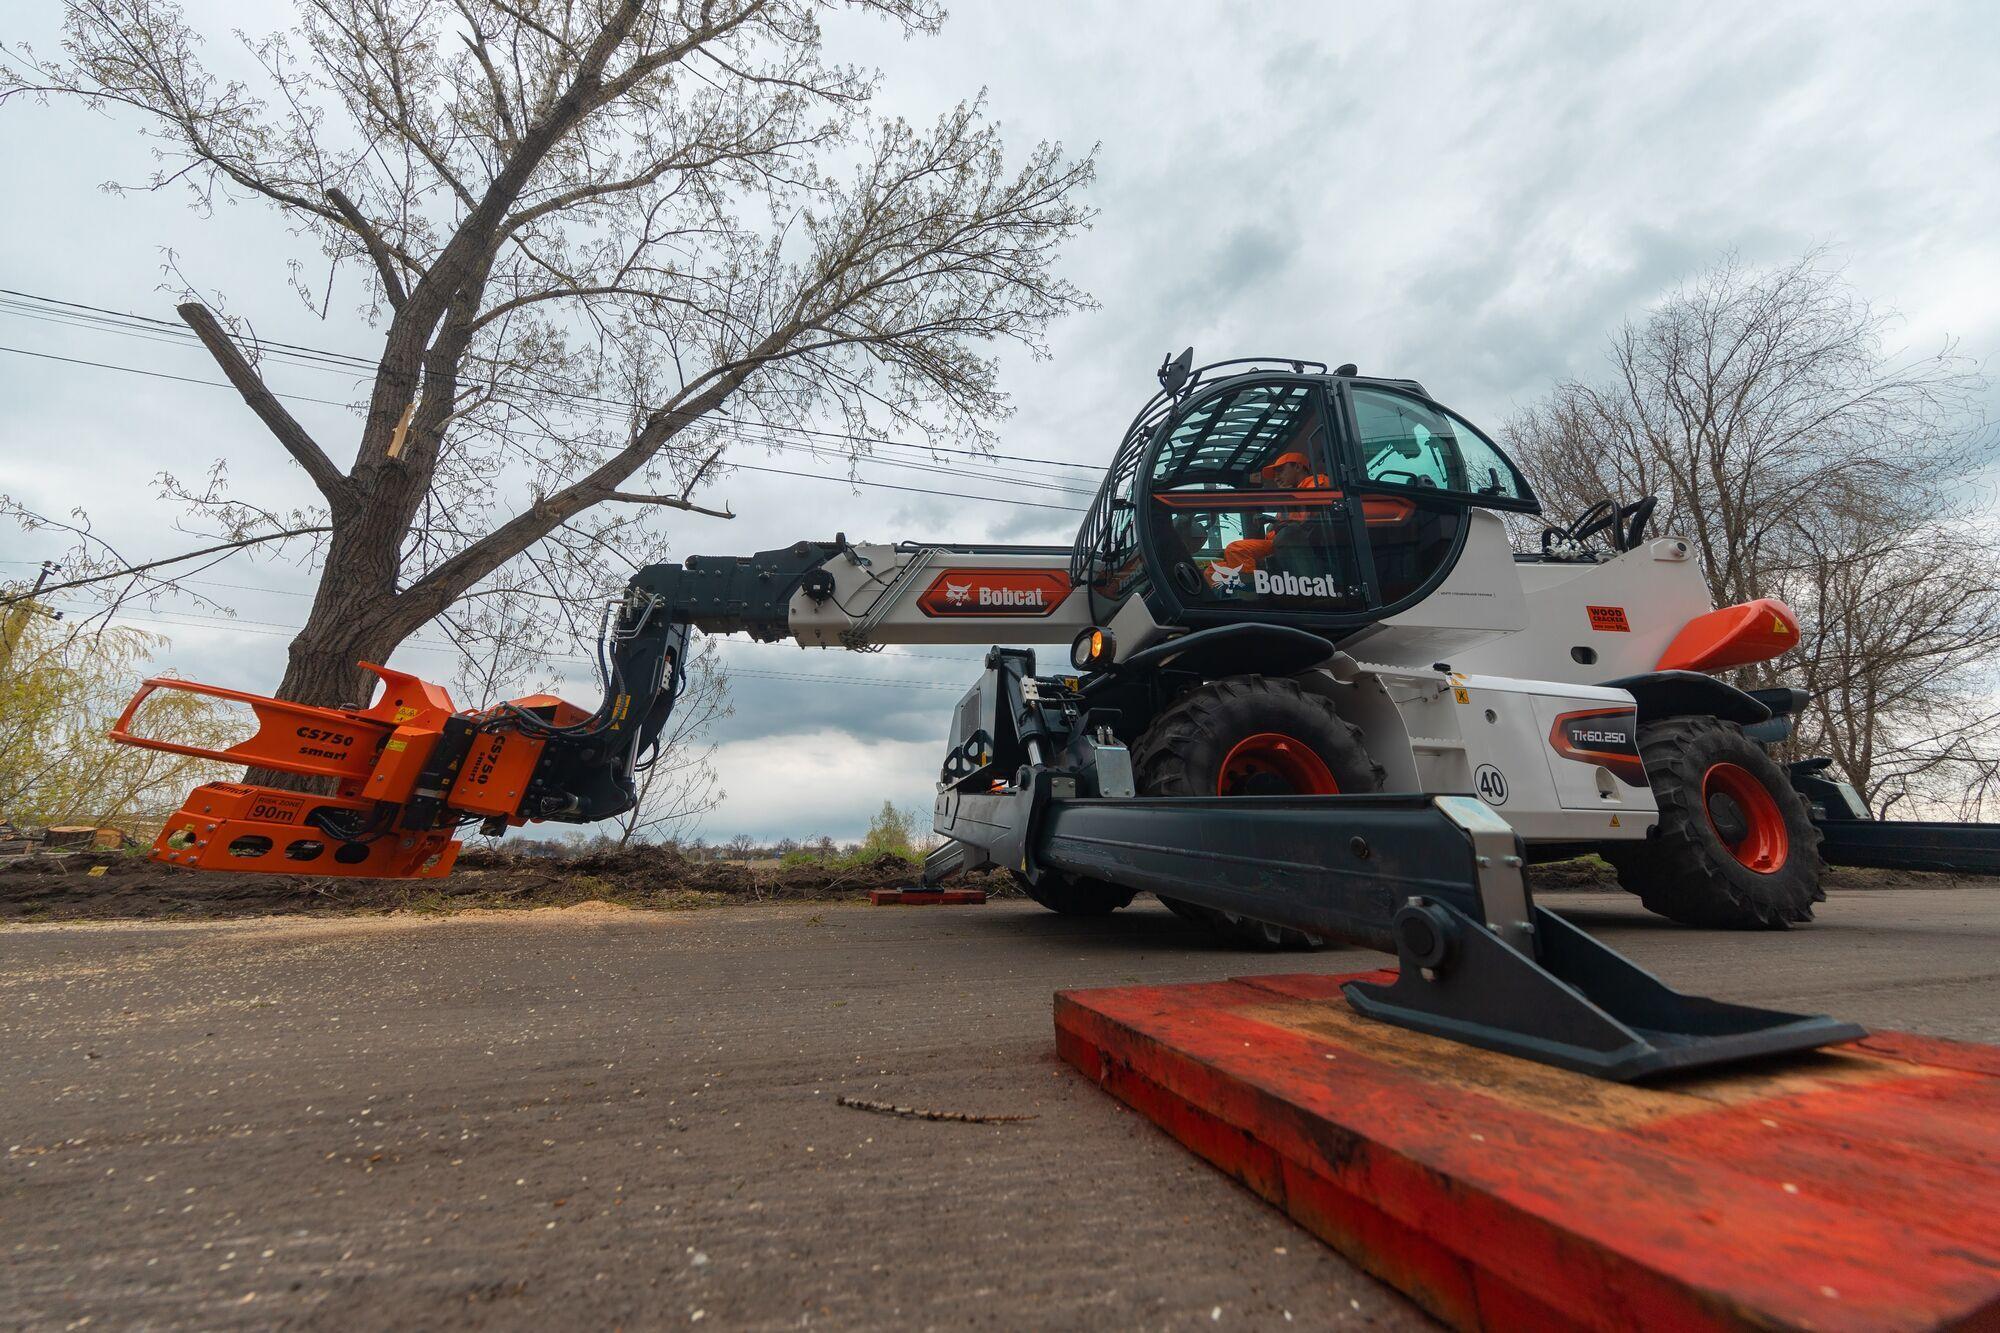 В Днепре появился единственный в Украине телескопический манипулятор для удаления аварийных деревьев